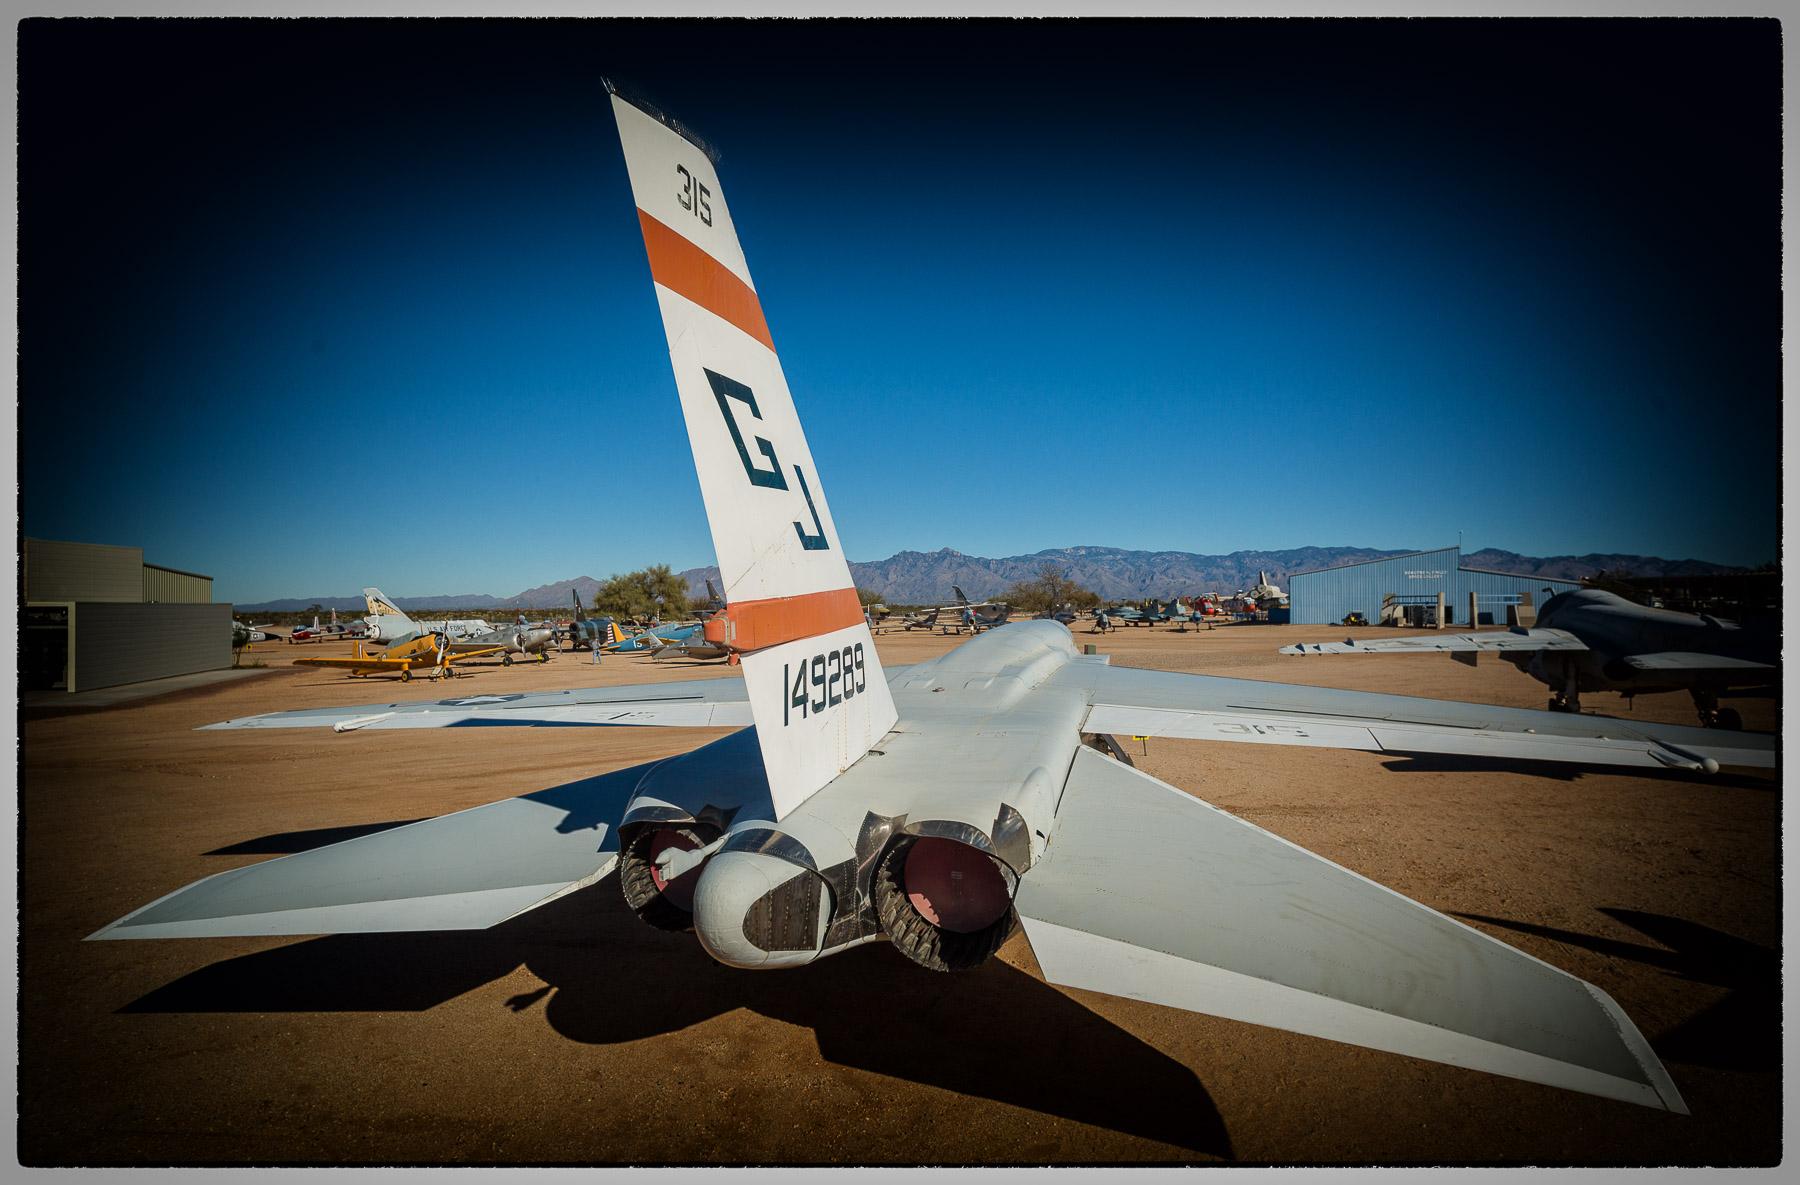 RA-5C Vigilante 149289